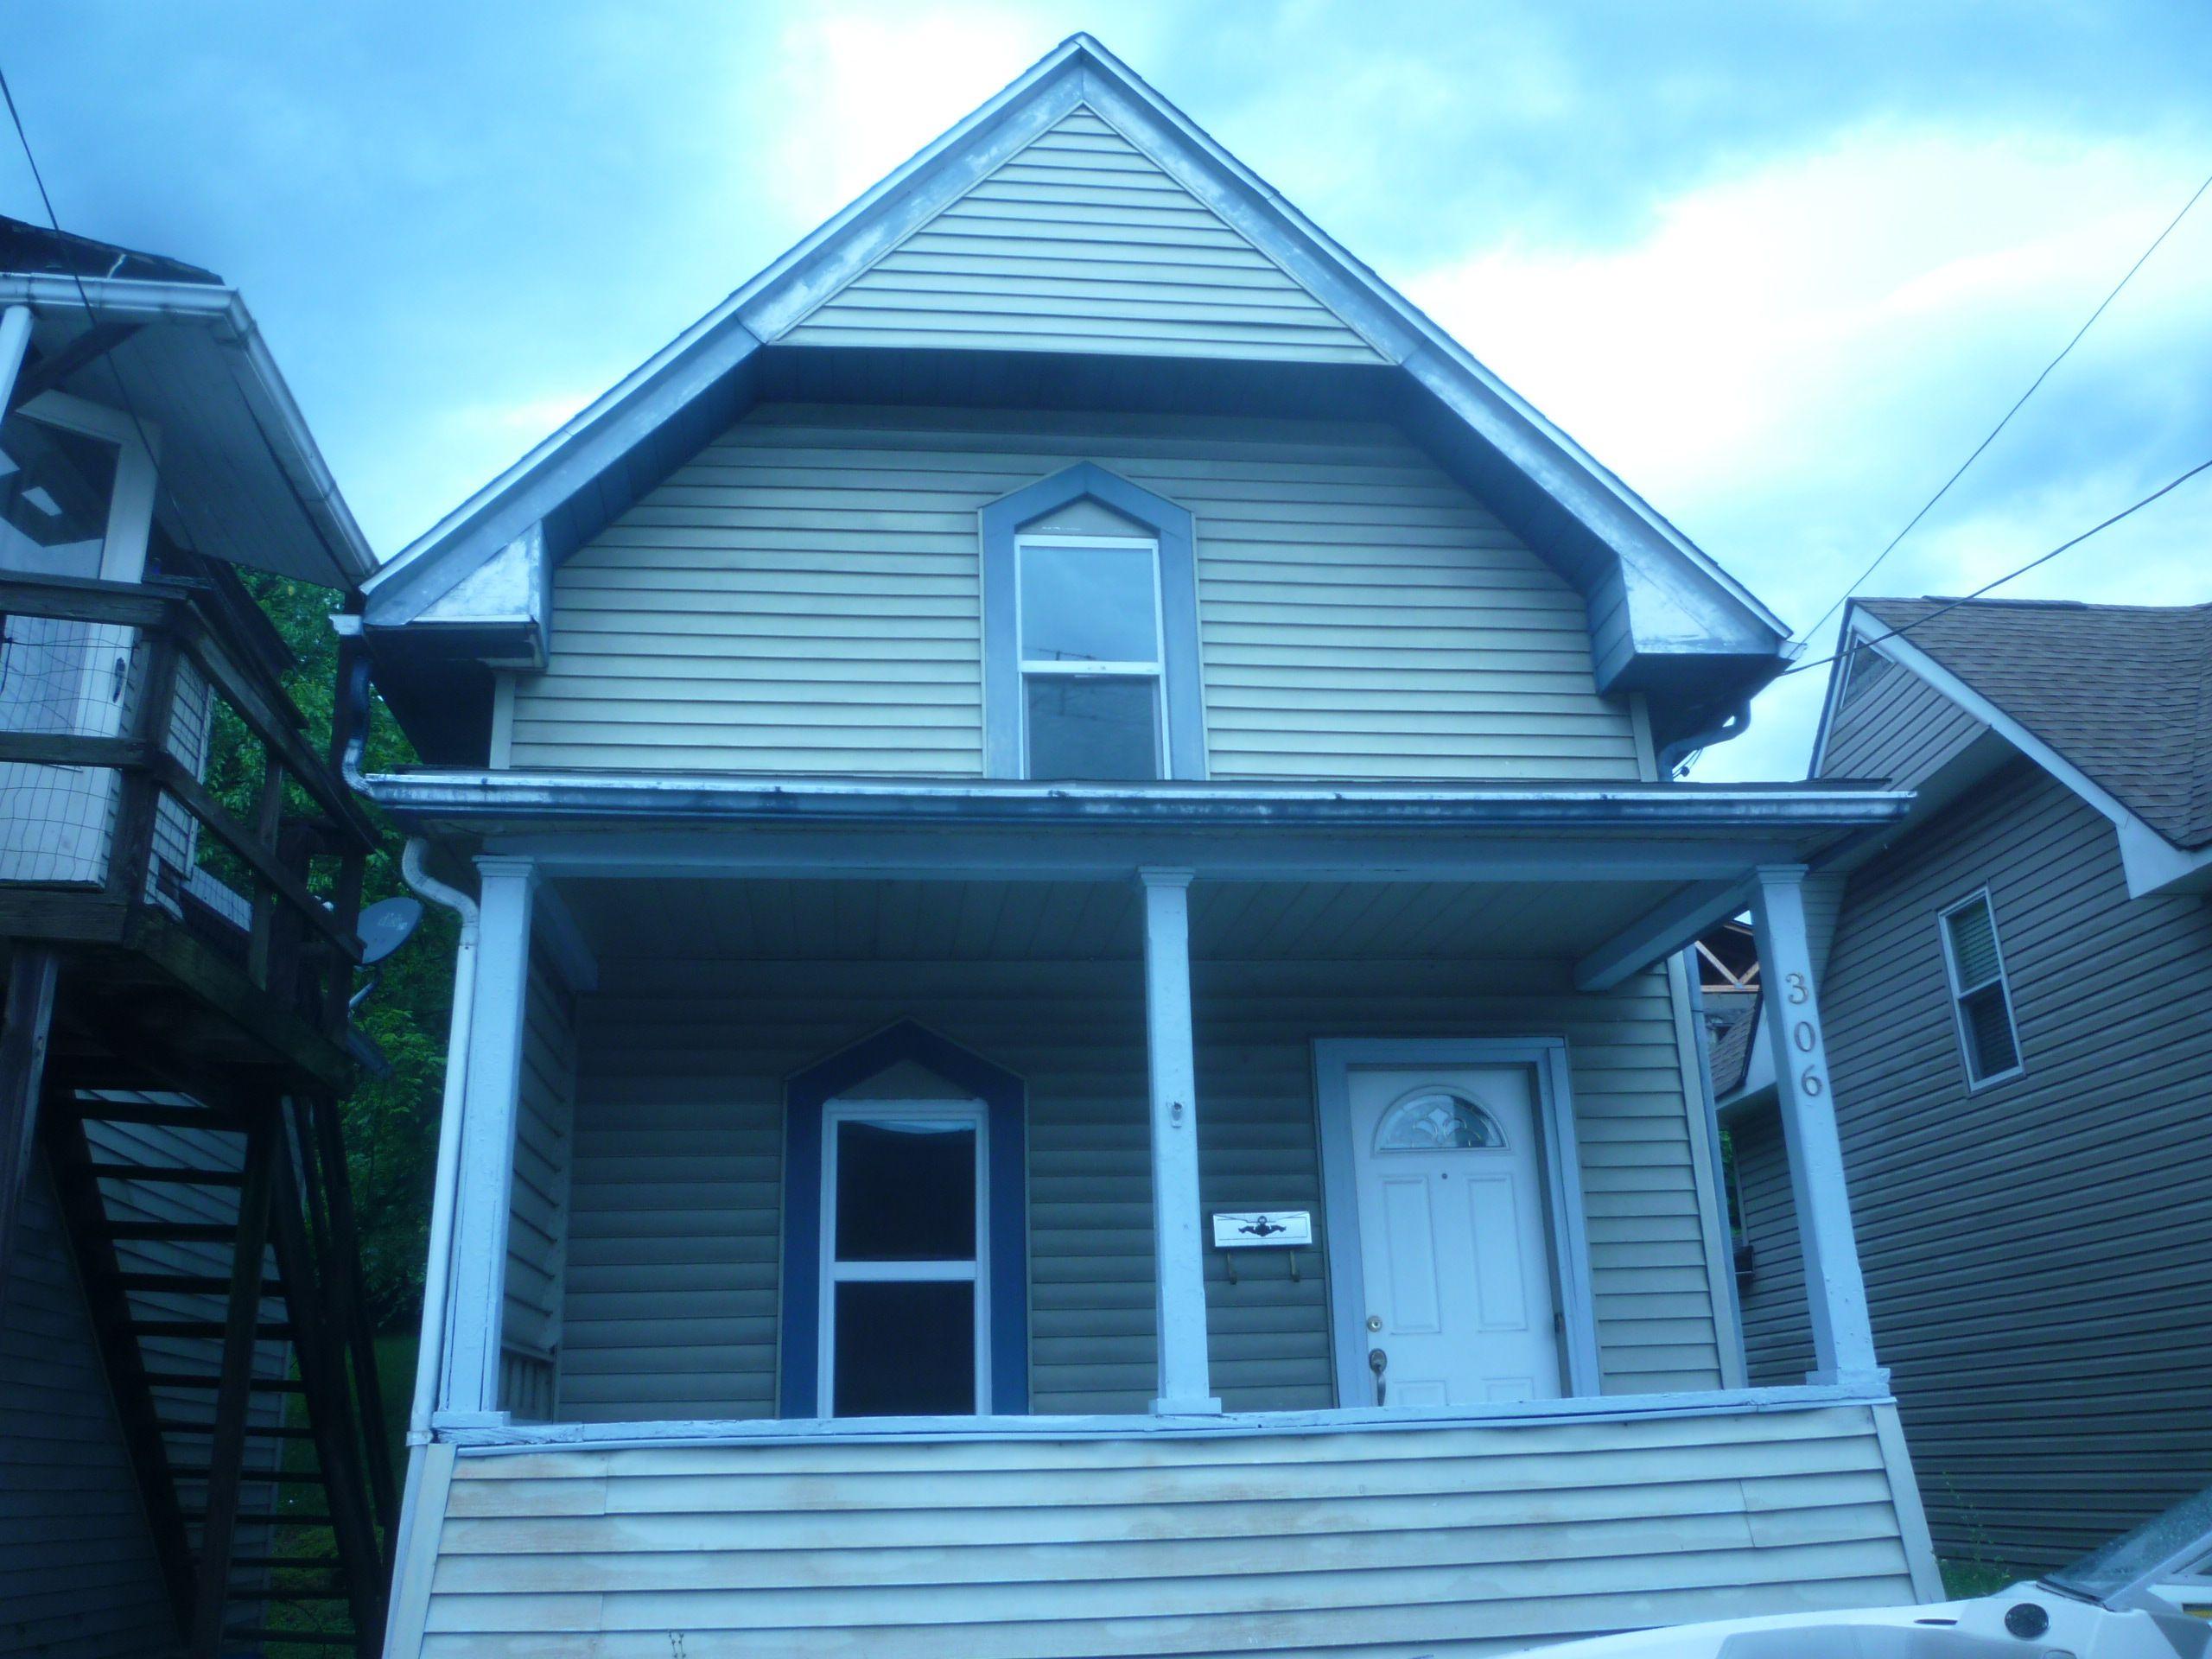 306 Laredo St, Mckeesport, PA